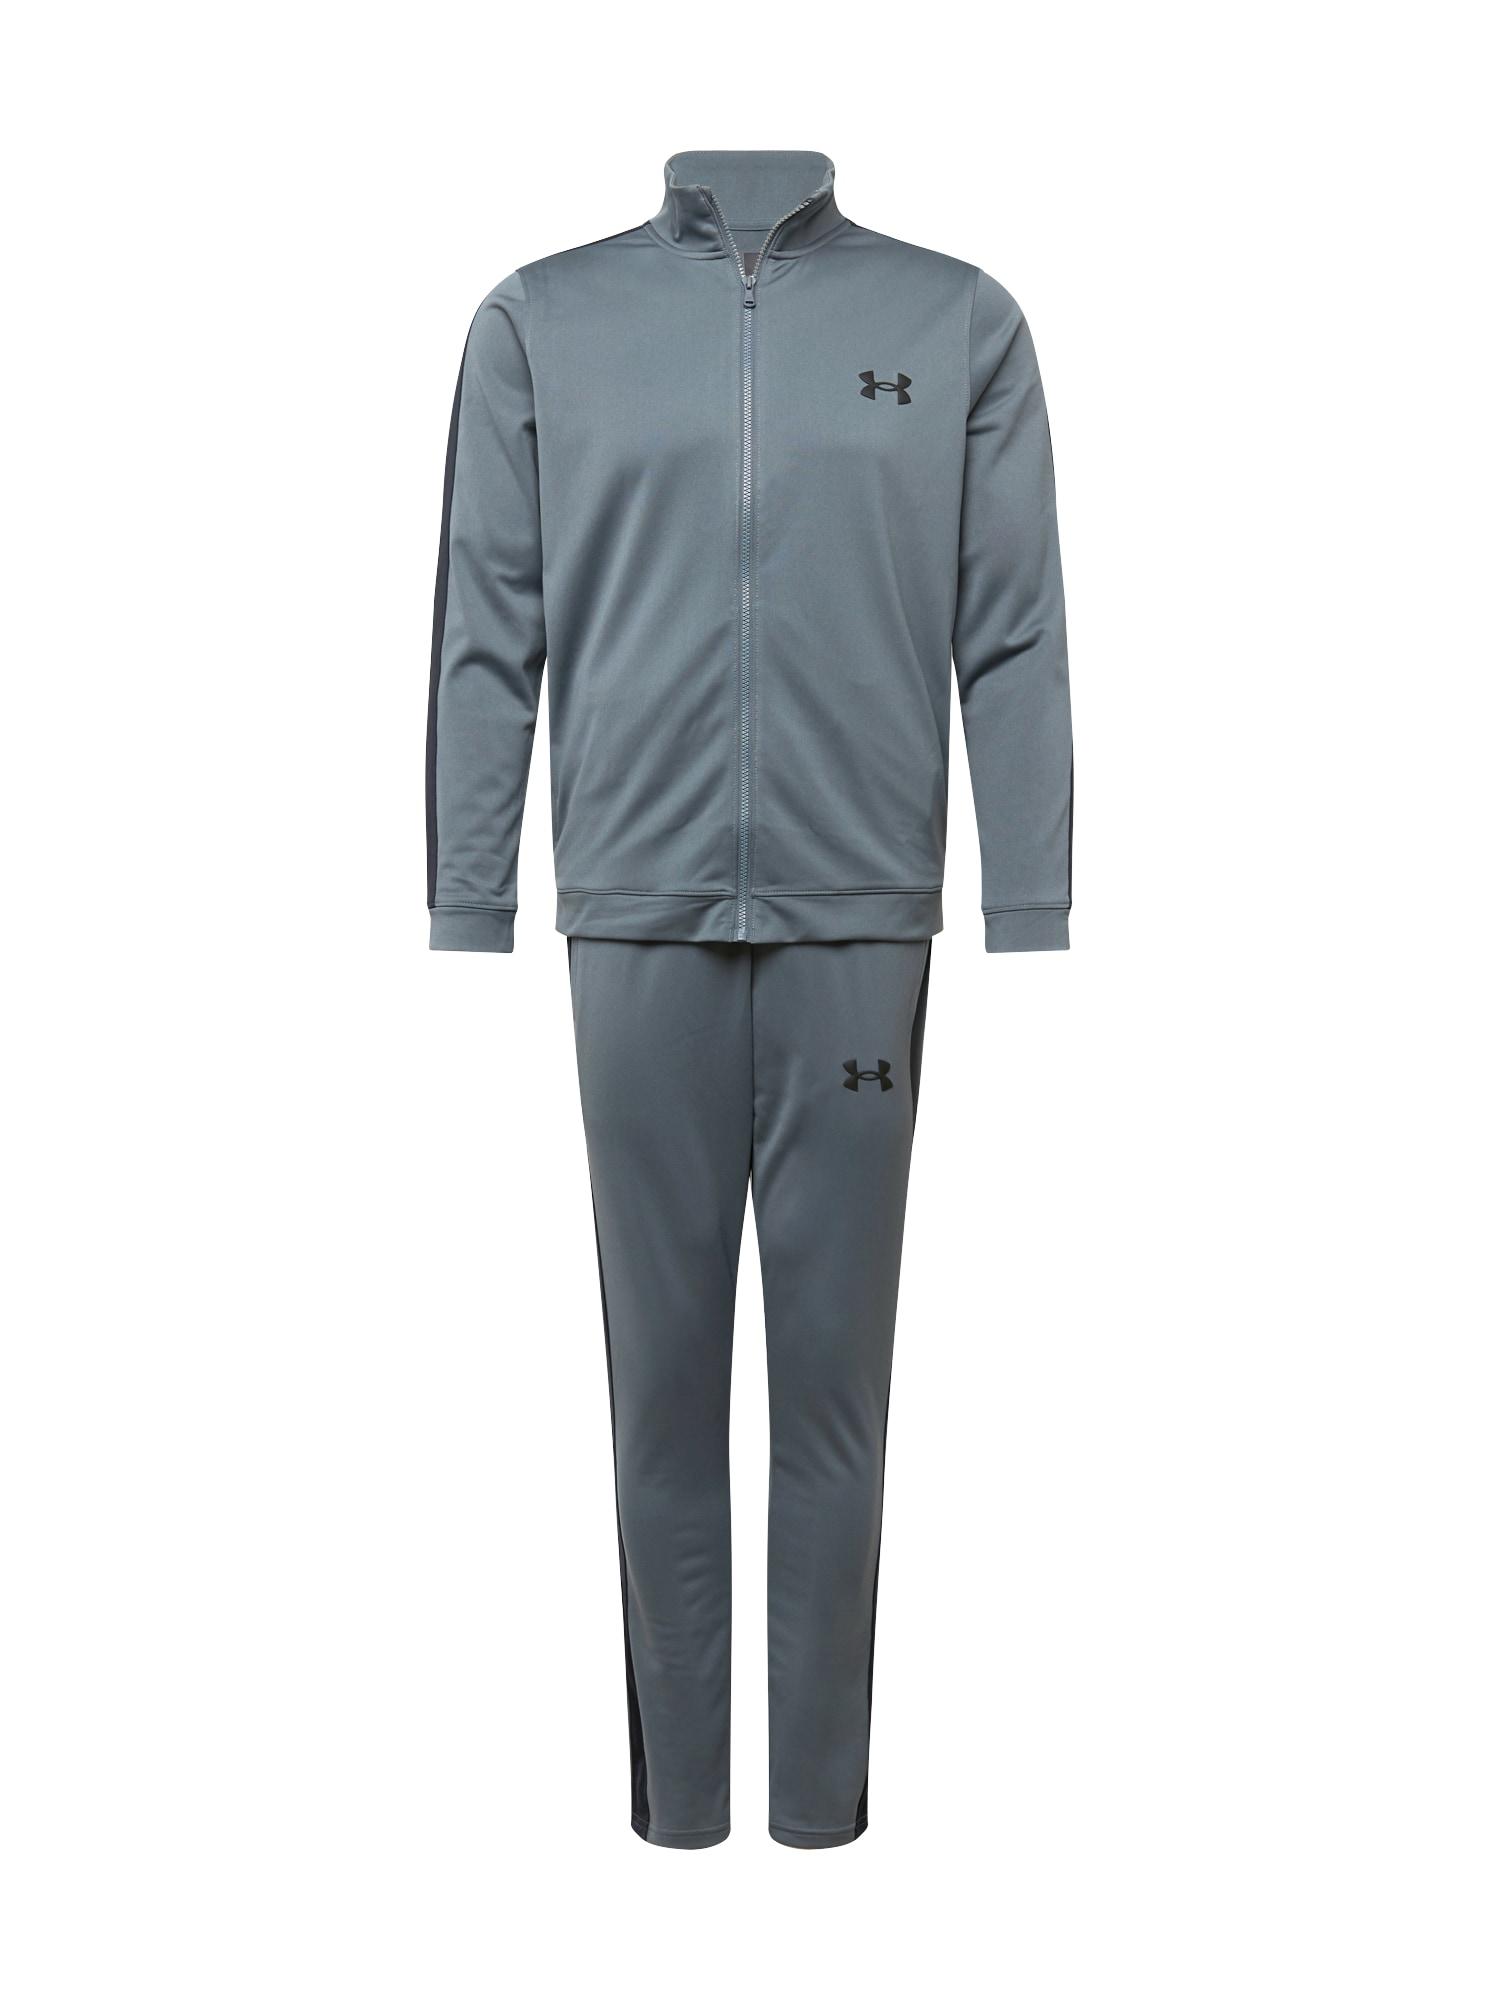 UNDER ARMOUR Treniruočių kostiumas pilka / juoda